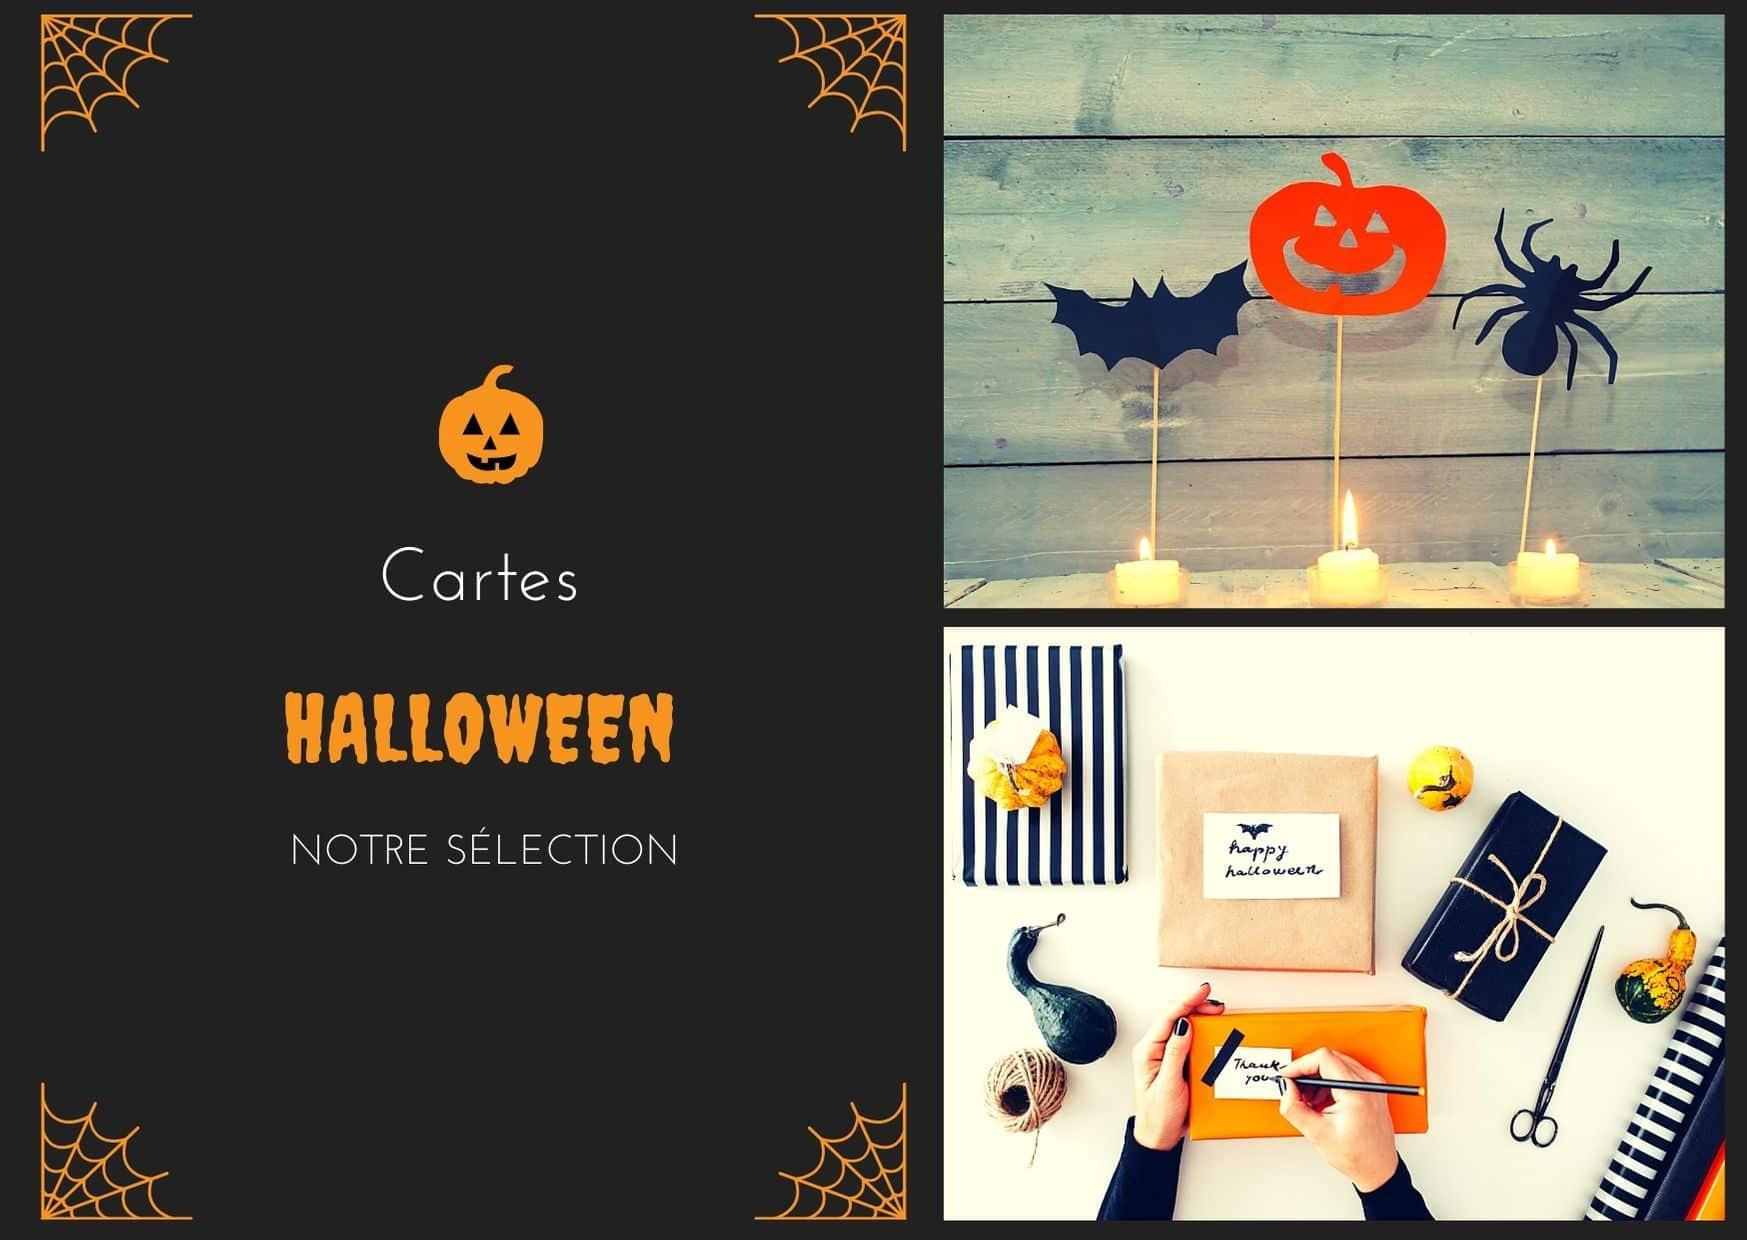 Carte Halloween notre sélection